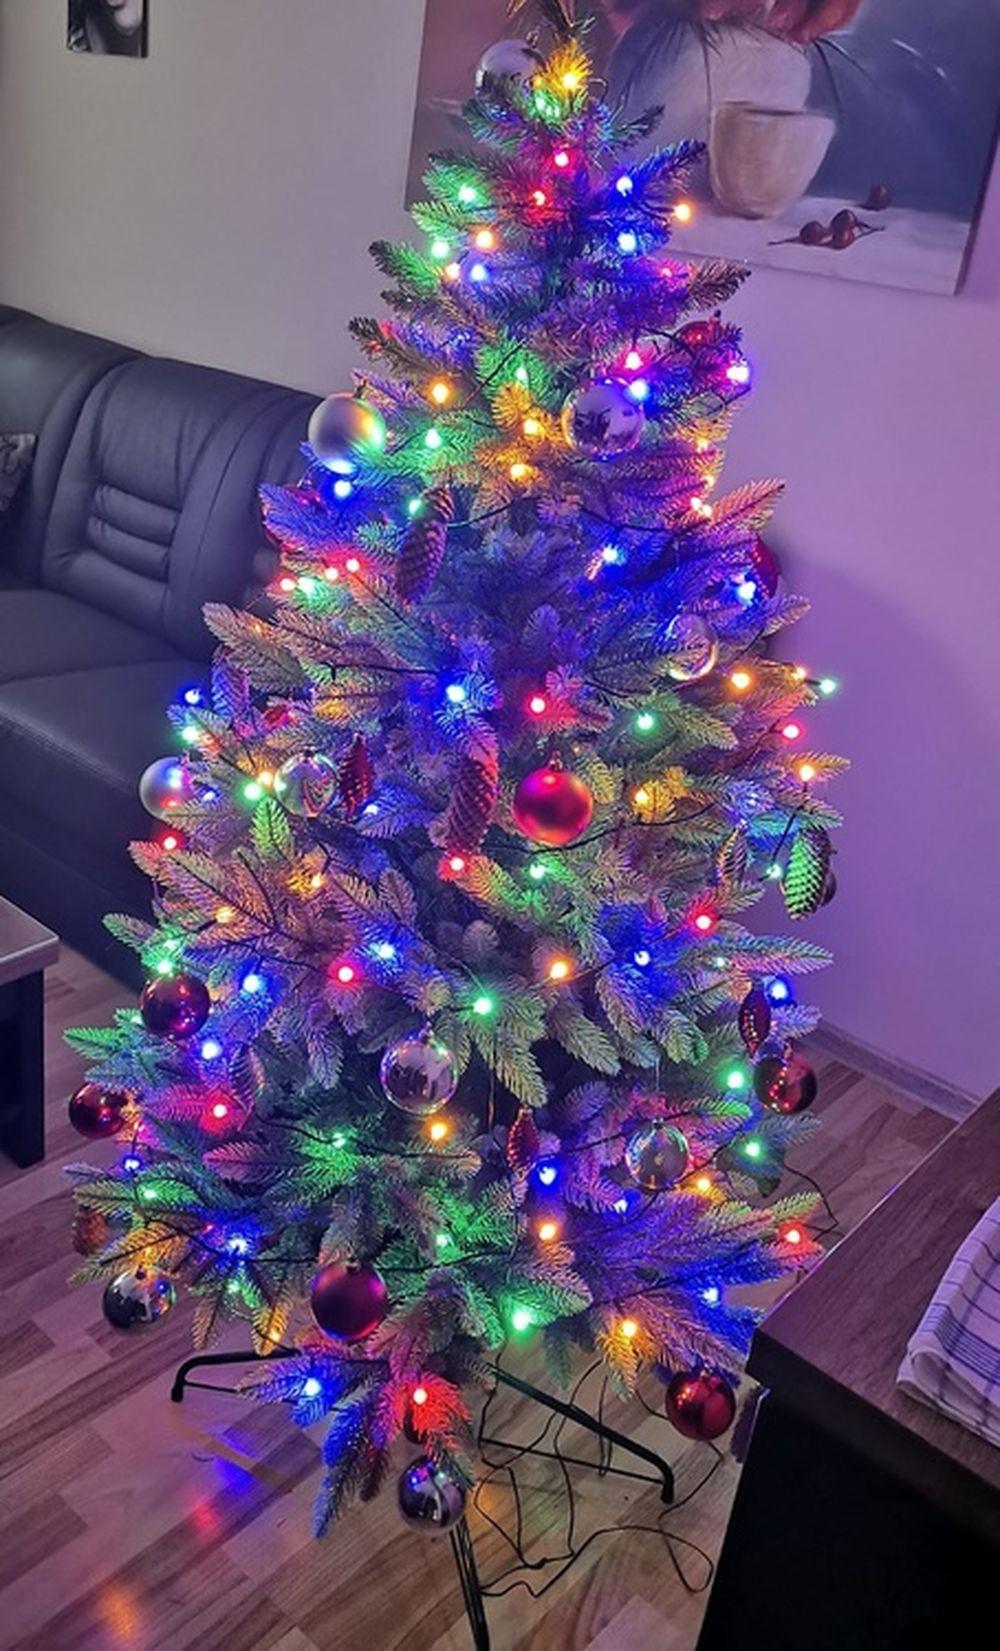 FOTO: Vianočné stromčeky v Žiline - výber fotografií našich čitateľov, foto 62